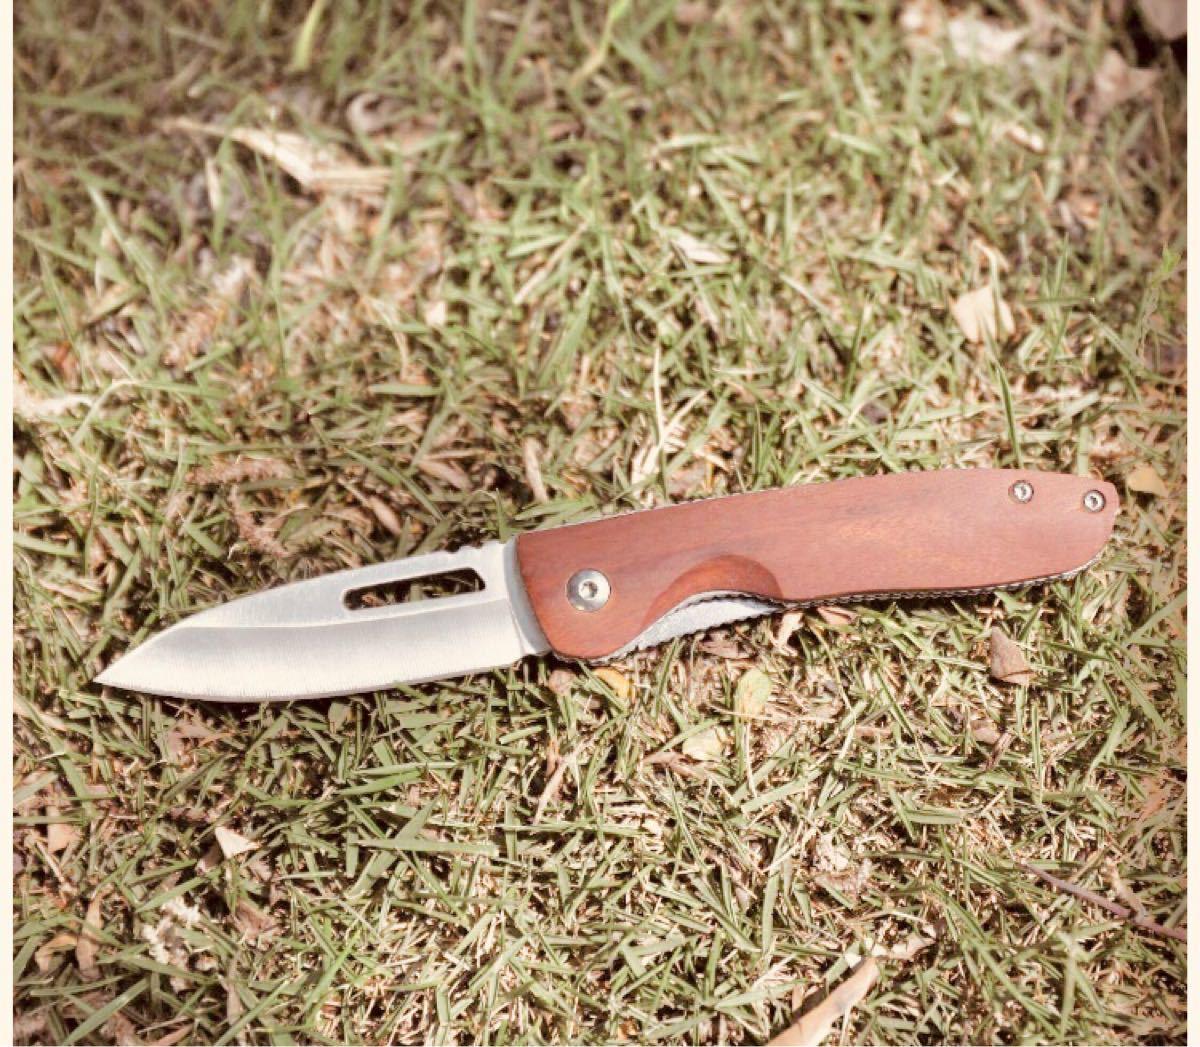 セール!送料込み!折りたたみナイフ /木製 アウトドア キャンプ 登山 釣り